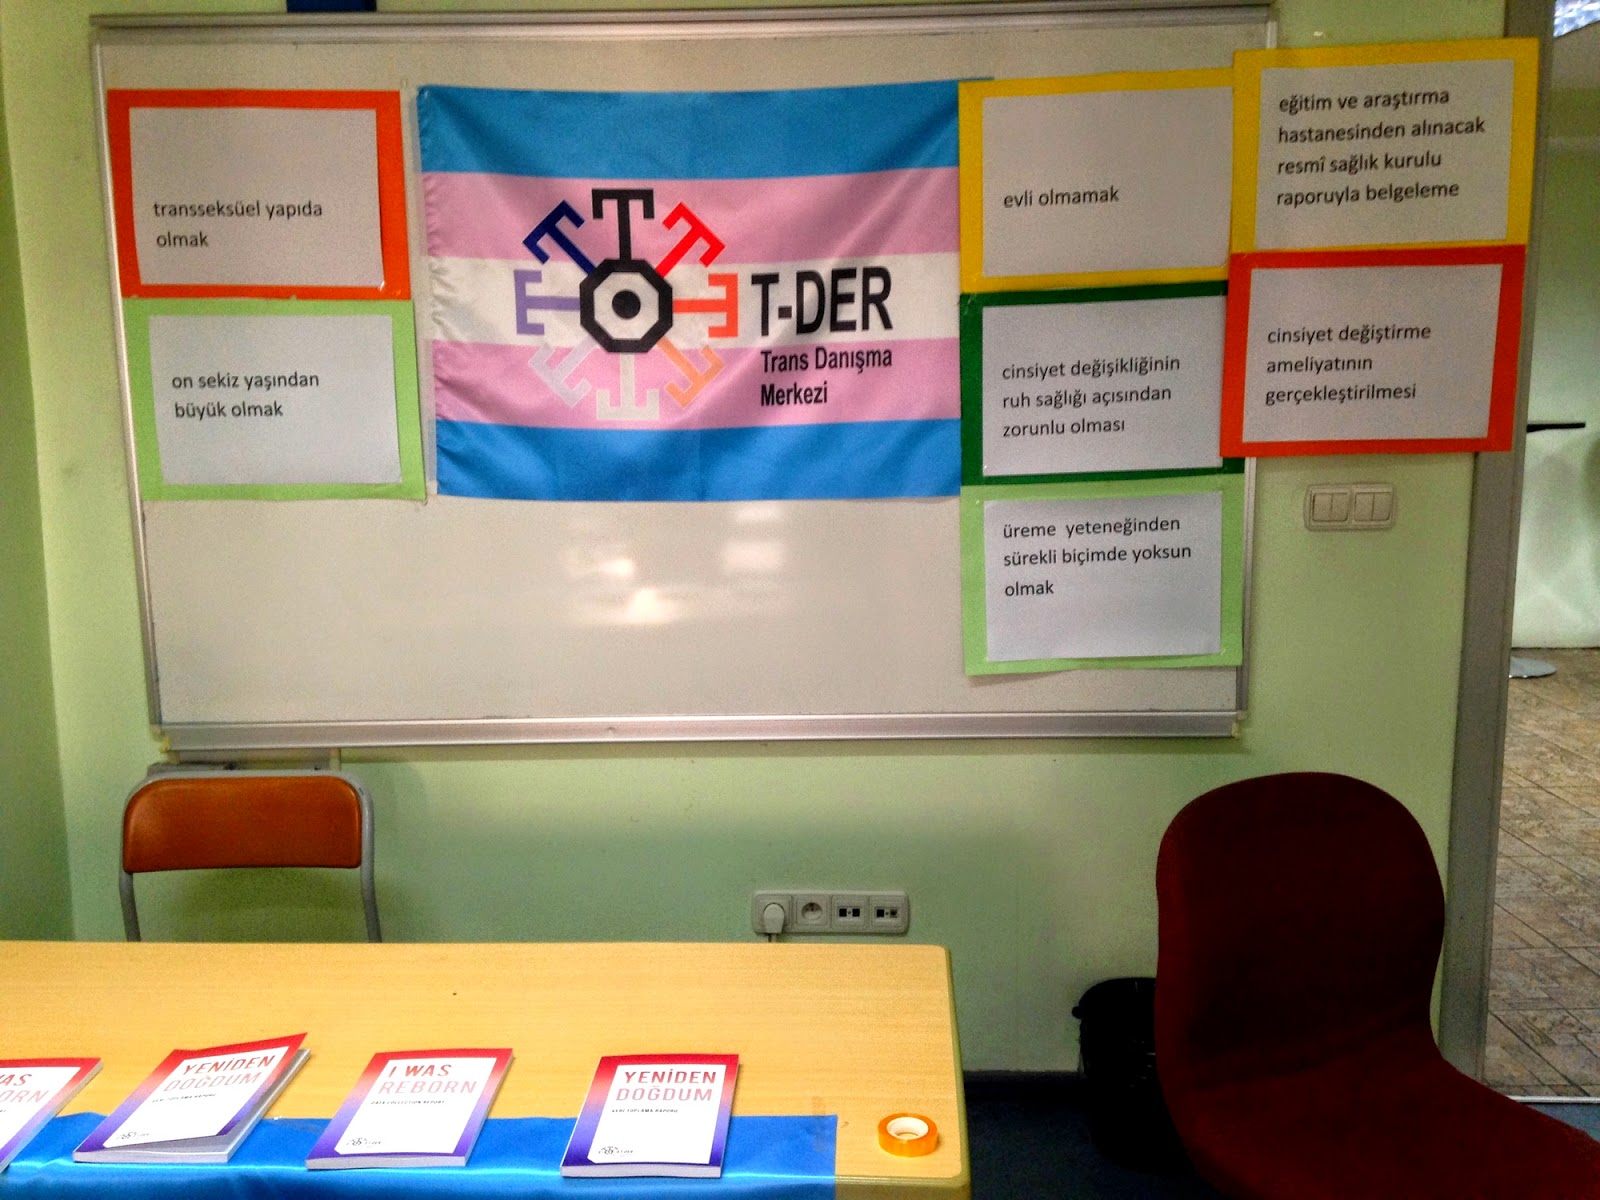 trans danışma merkezi t-der